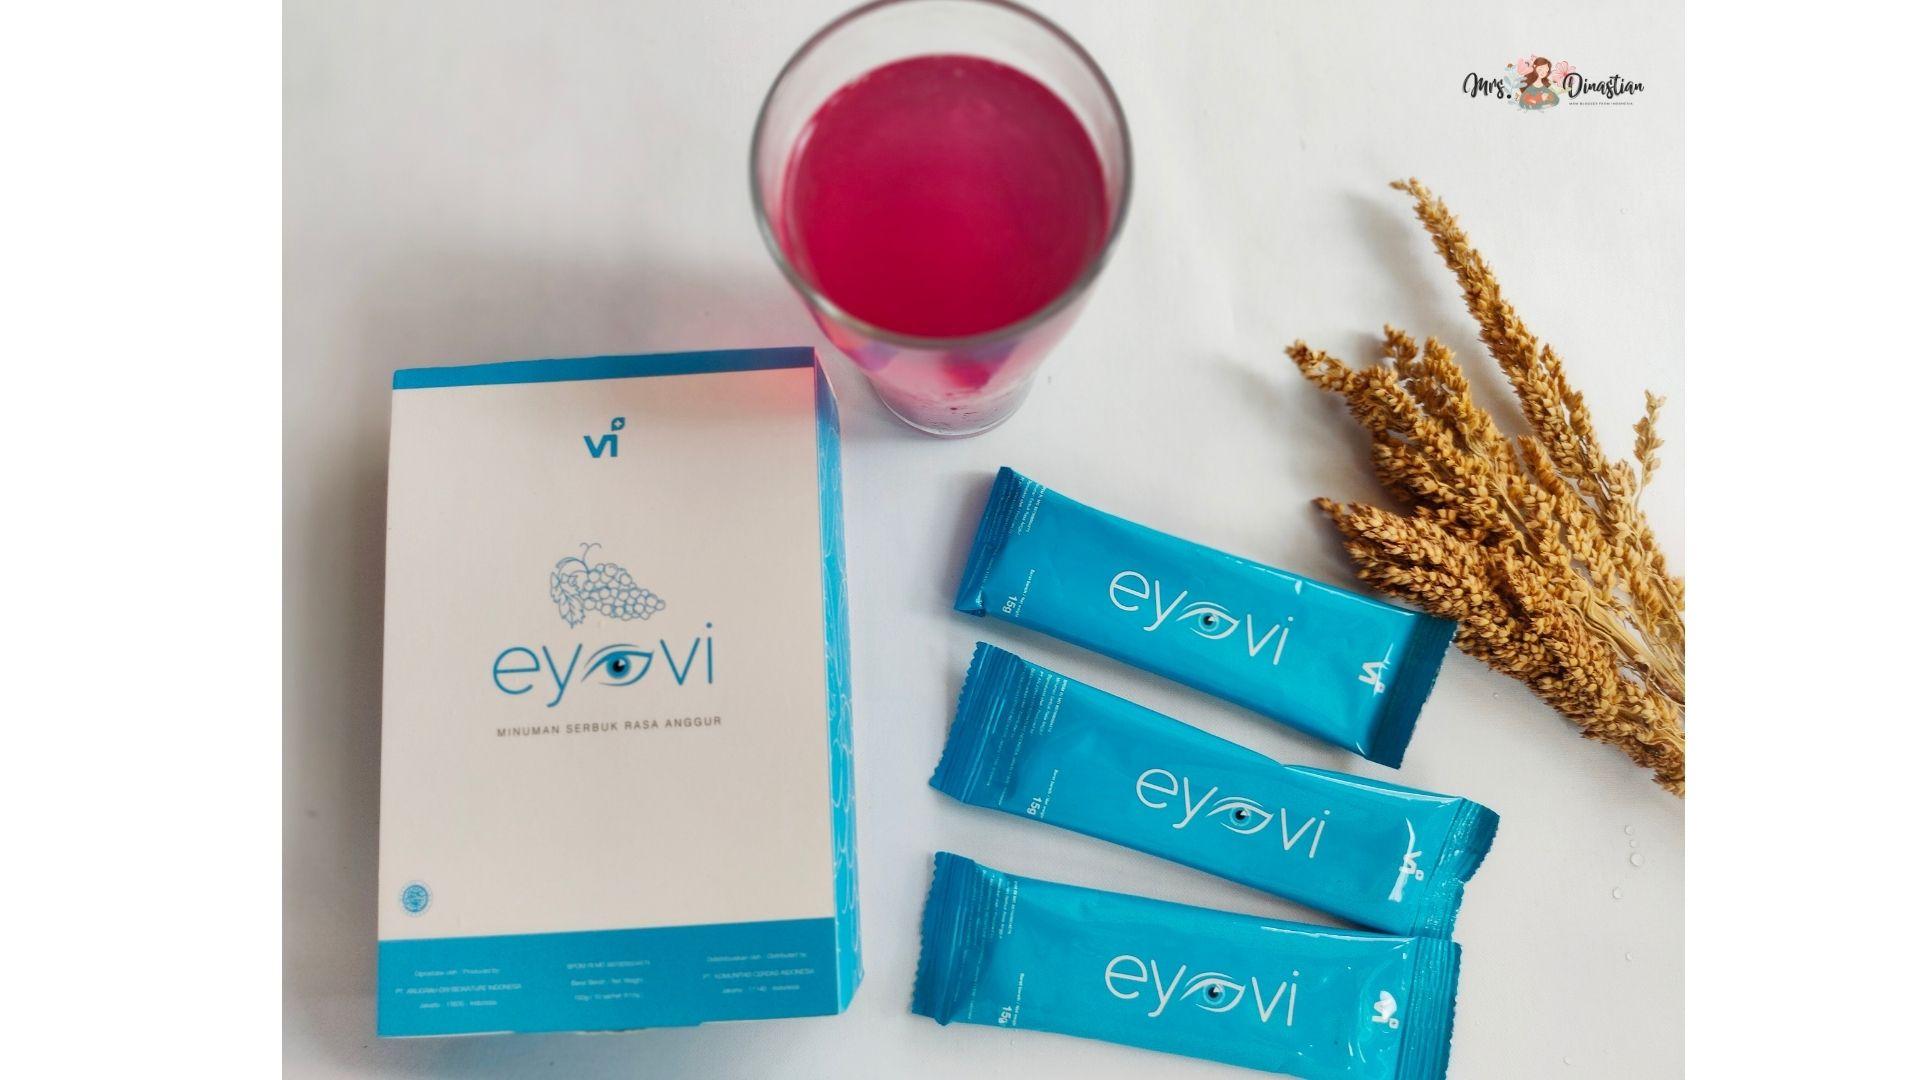 Eyevi